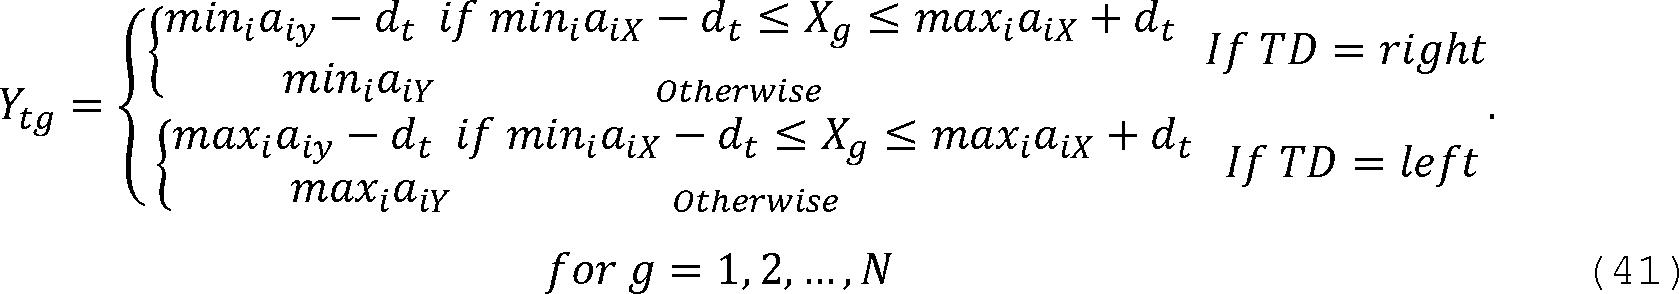 Figure DE102014114827A1_0027